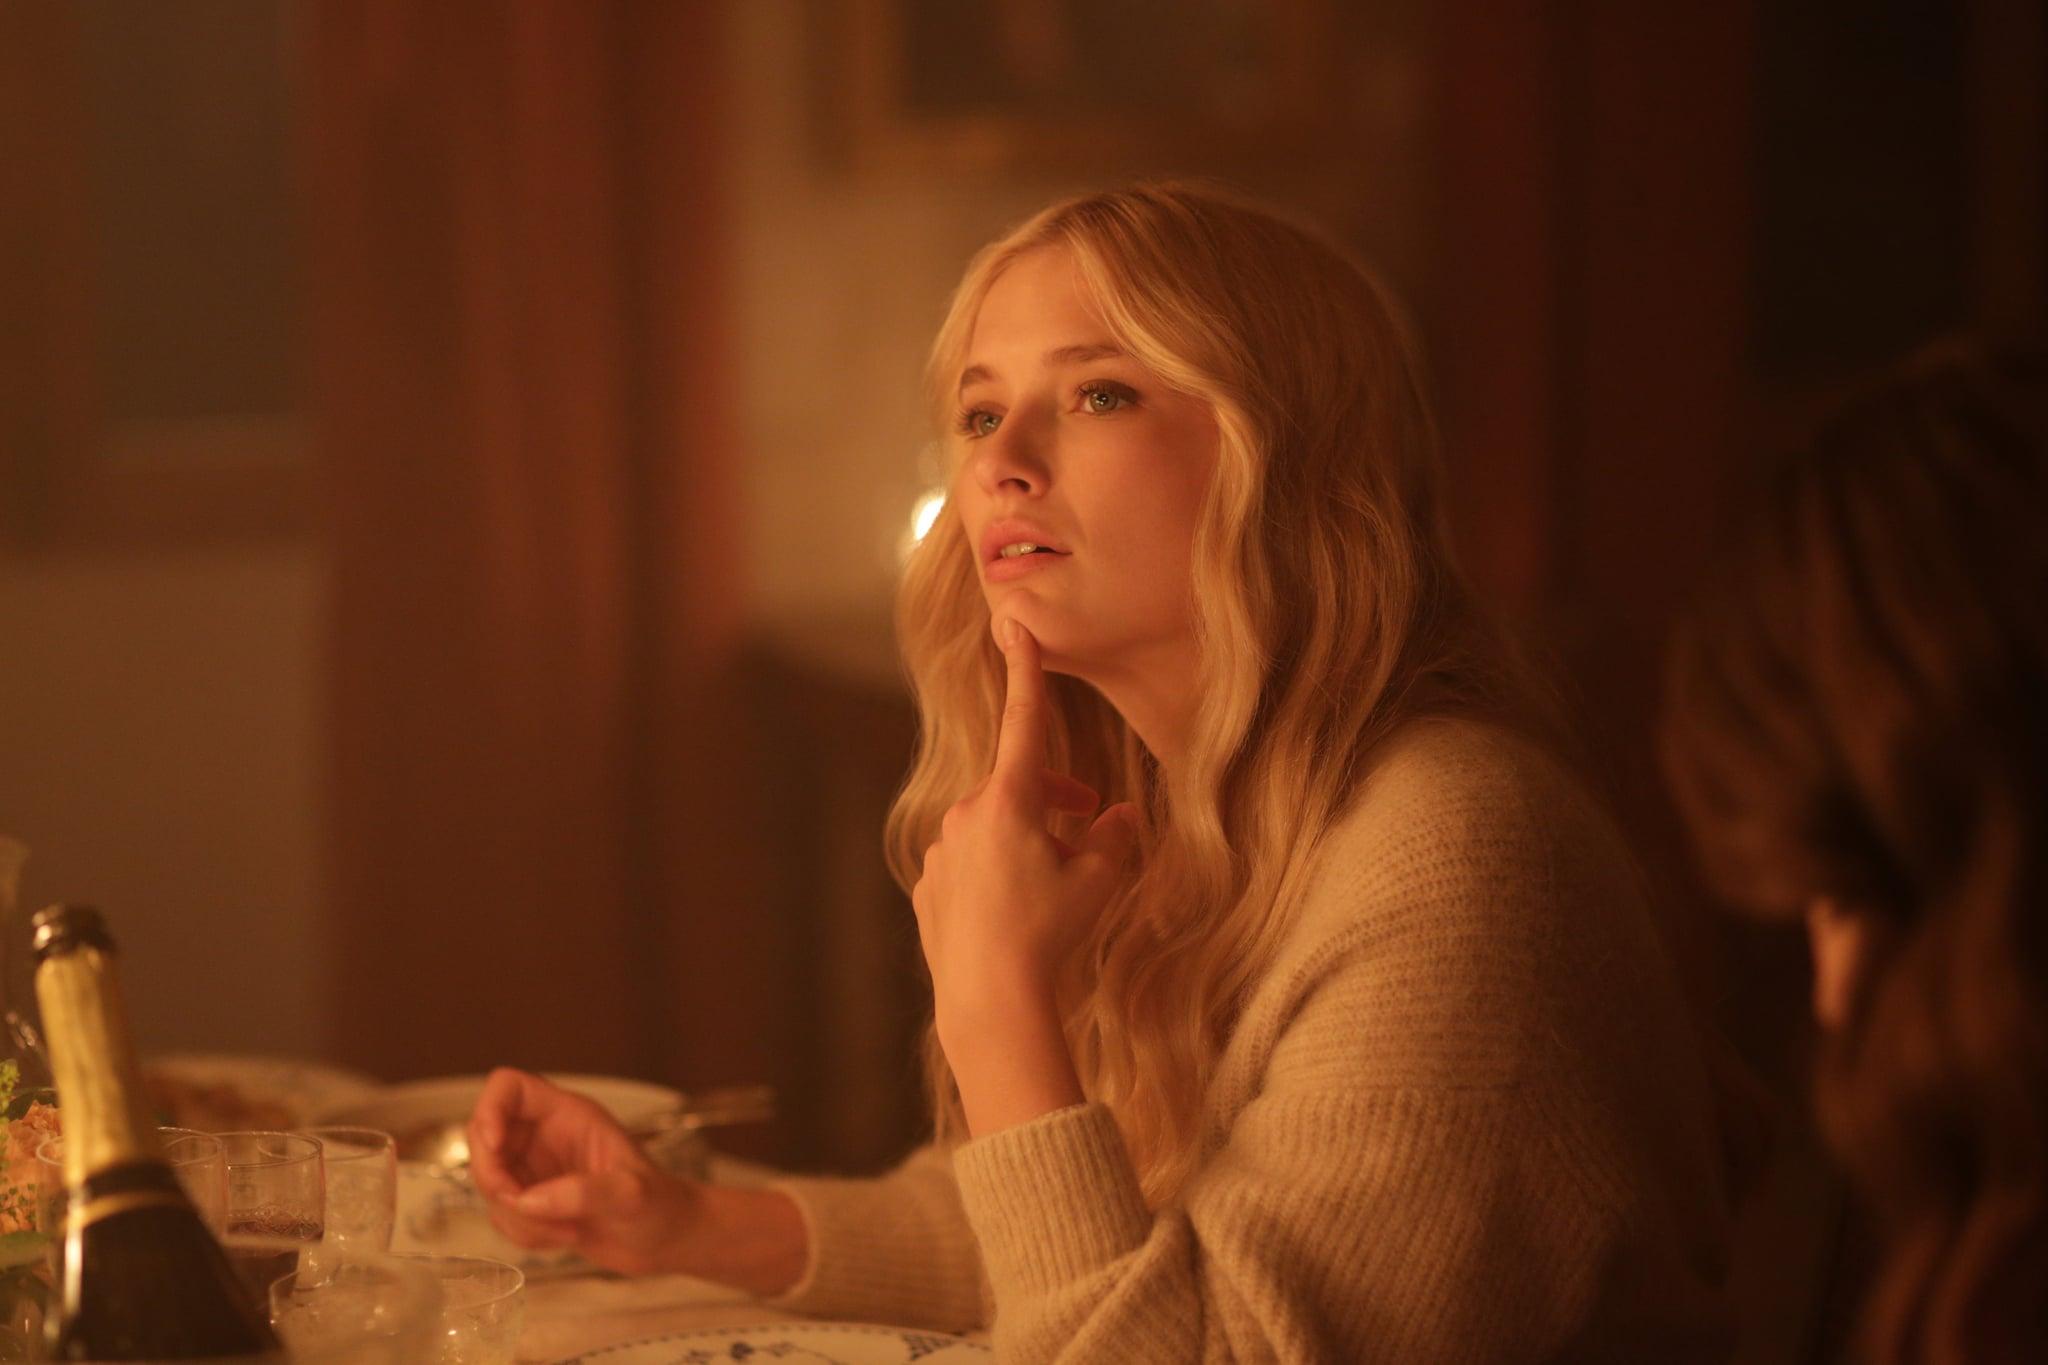 """Đừng chỉ khen nữ chính, nàng nữ phụ của """"Emily in Paris"""" mới là quý cô chuẩn phong cách Pháp thanh lịch từ trong phim lẫn ngoài đời - Ảnh 2."""